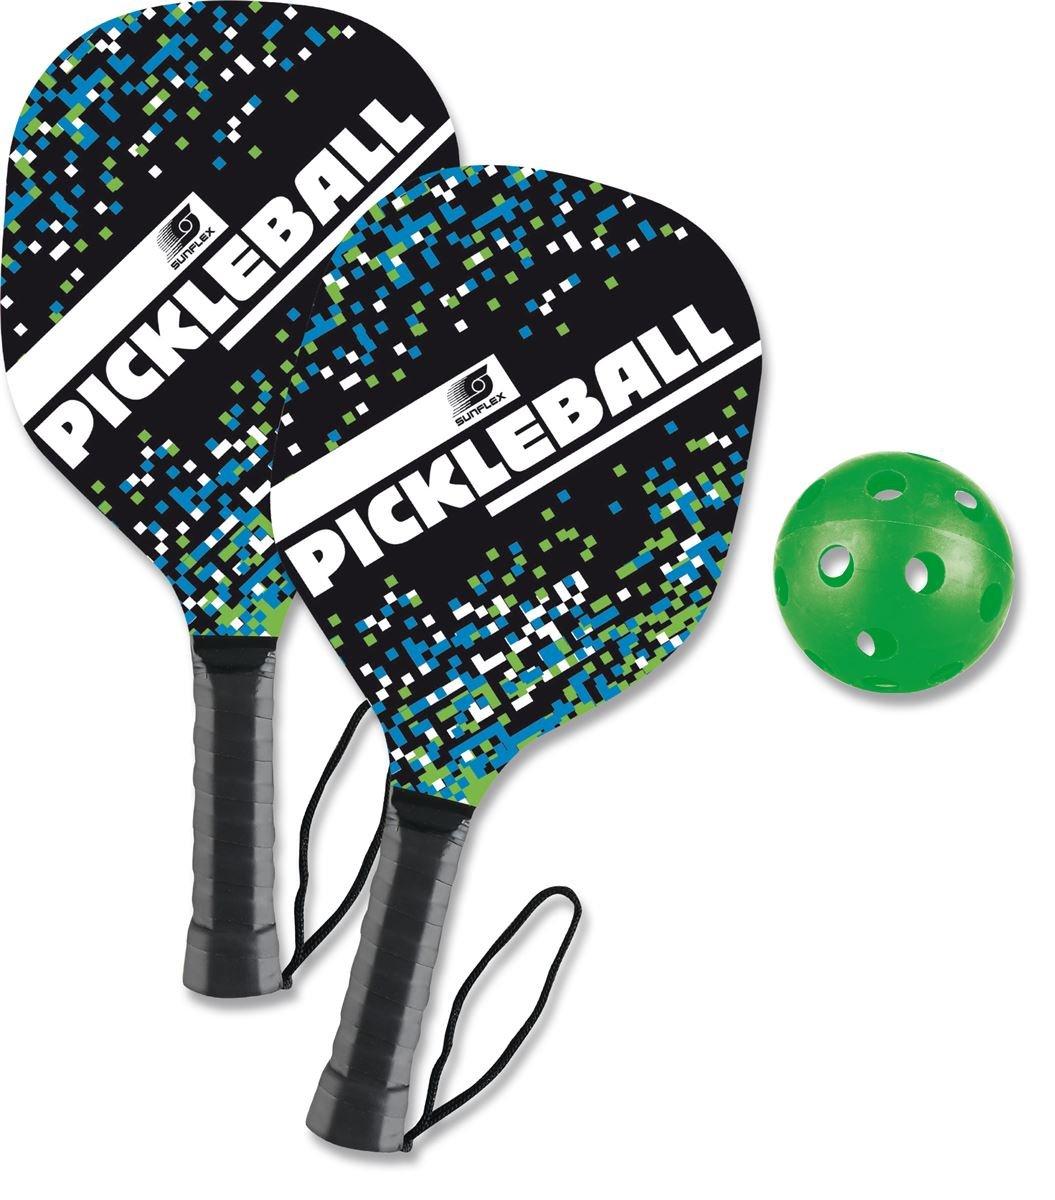 Sunflex - Pickleball / Paddleball (53507)